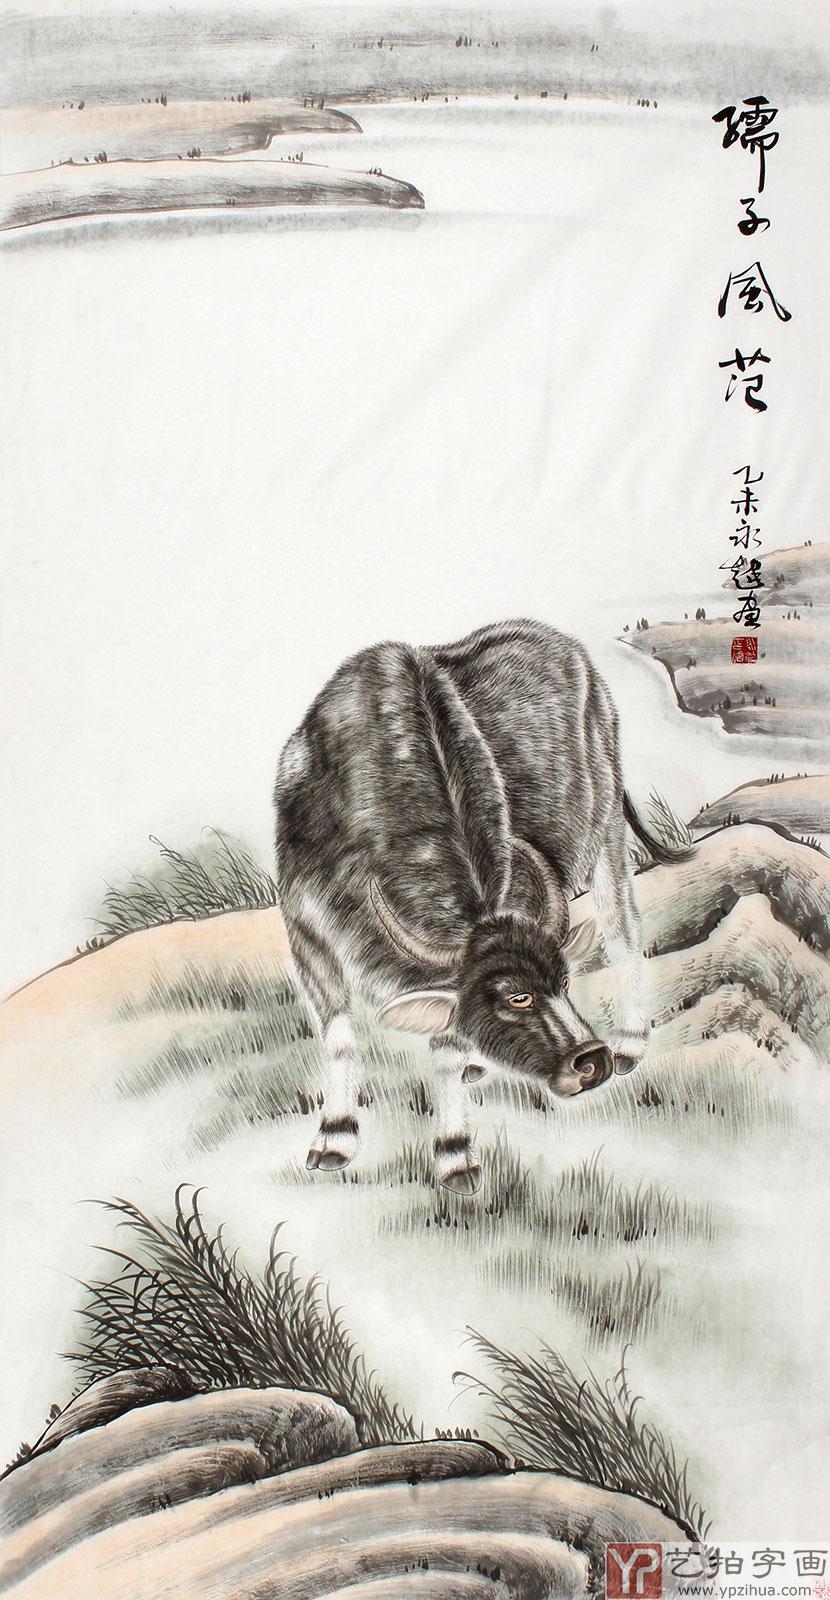 【已售】河南美协魏永超四尺工笔画《孺子风范》图片